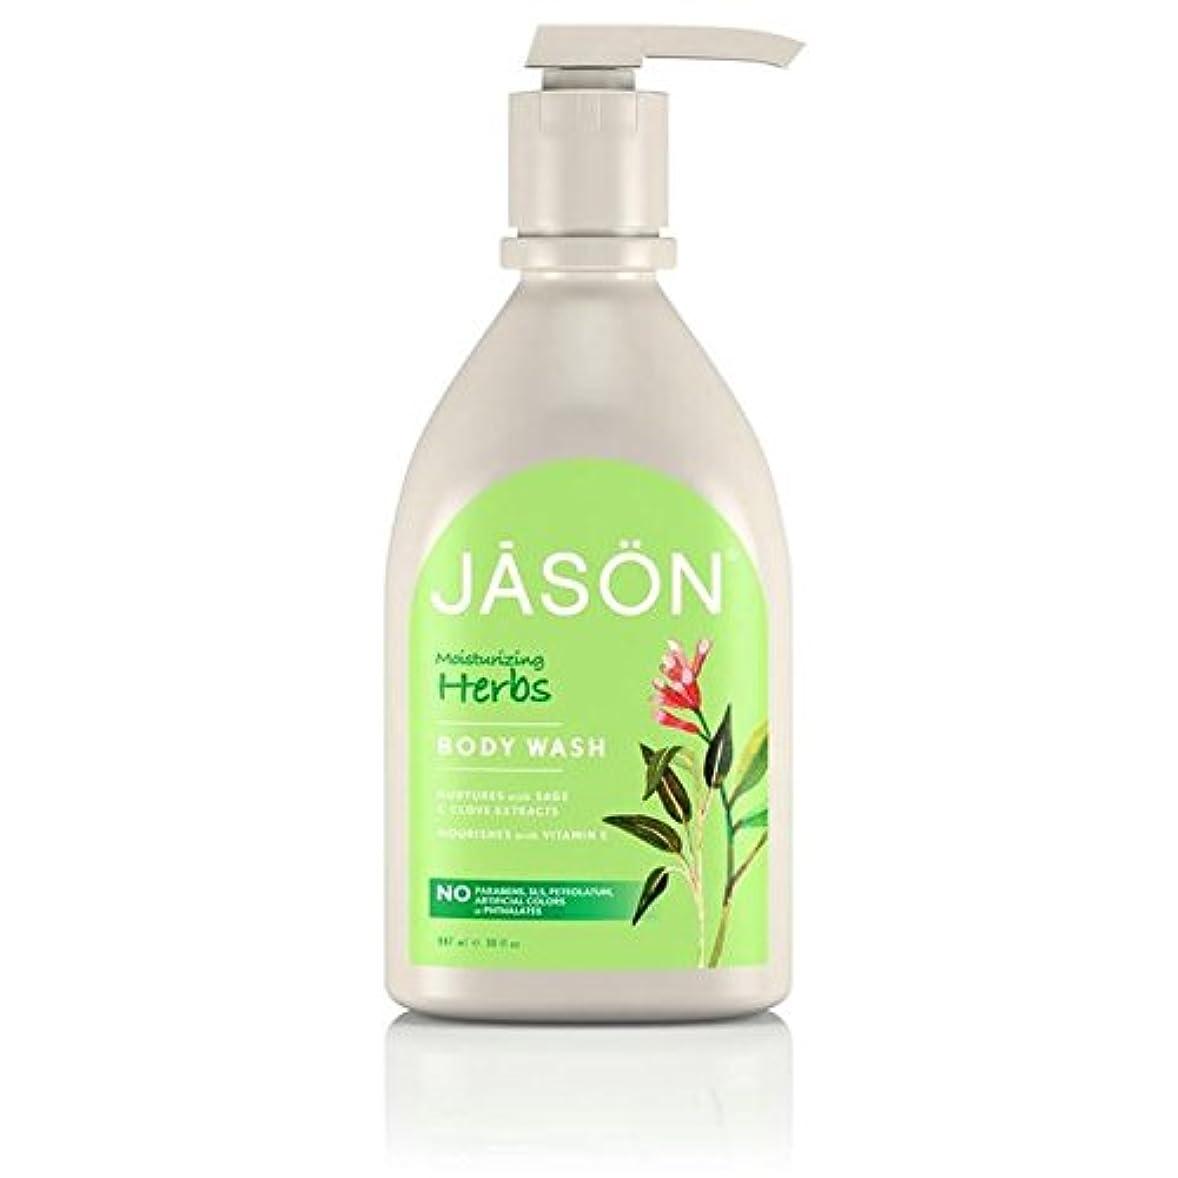 ペインレキシコンオゾンJason Herbal Satin Body Wash Pump 900ml - ジェイソン?ハーブサテンボディウォッシュポンプ900ミリリットル [並行輸入品]